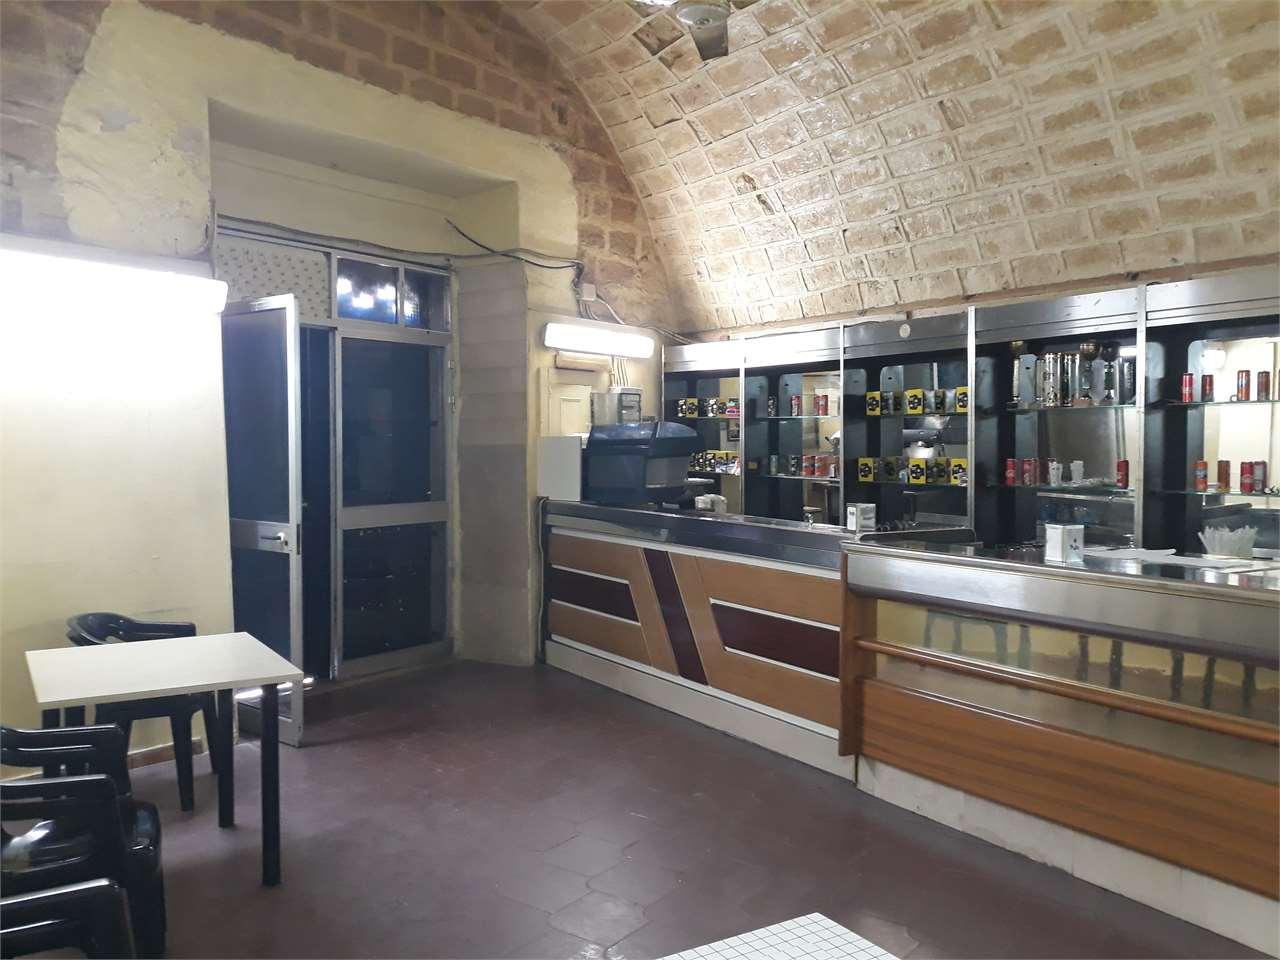 Negozio / Locale in vendita a Canosa di Puglia, 1 locali, prezzo € 180.000 | PortaleAgenzieImmobiliari.it